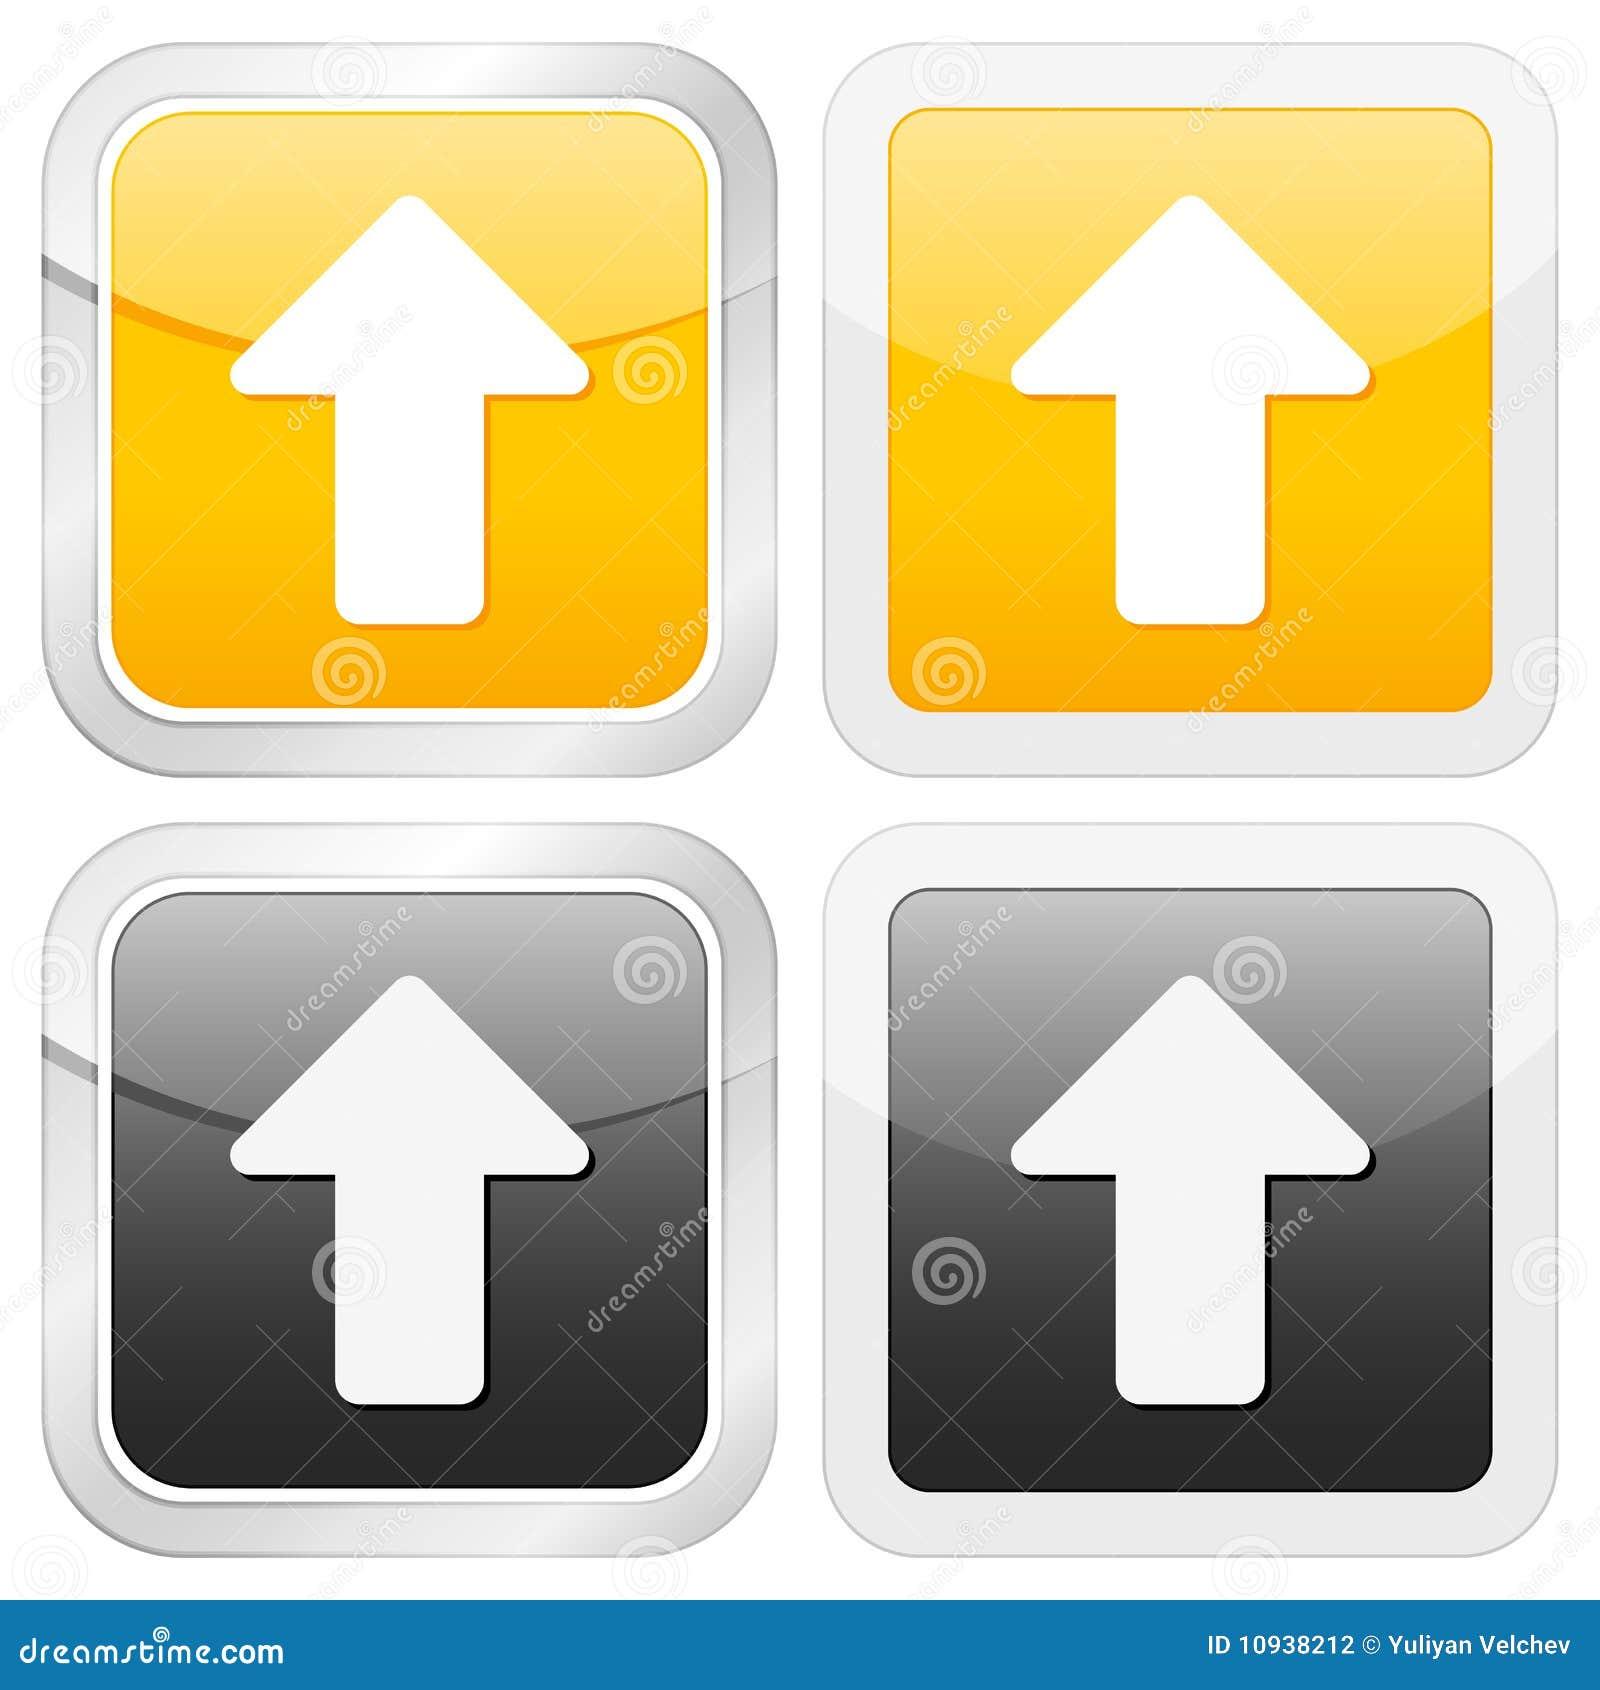 икона стрелки придает квадратную форму вверх